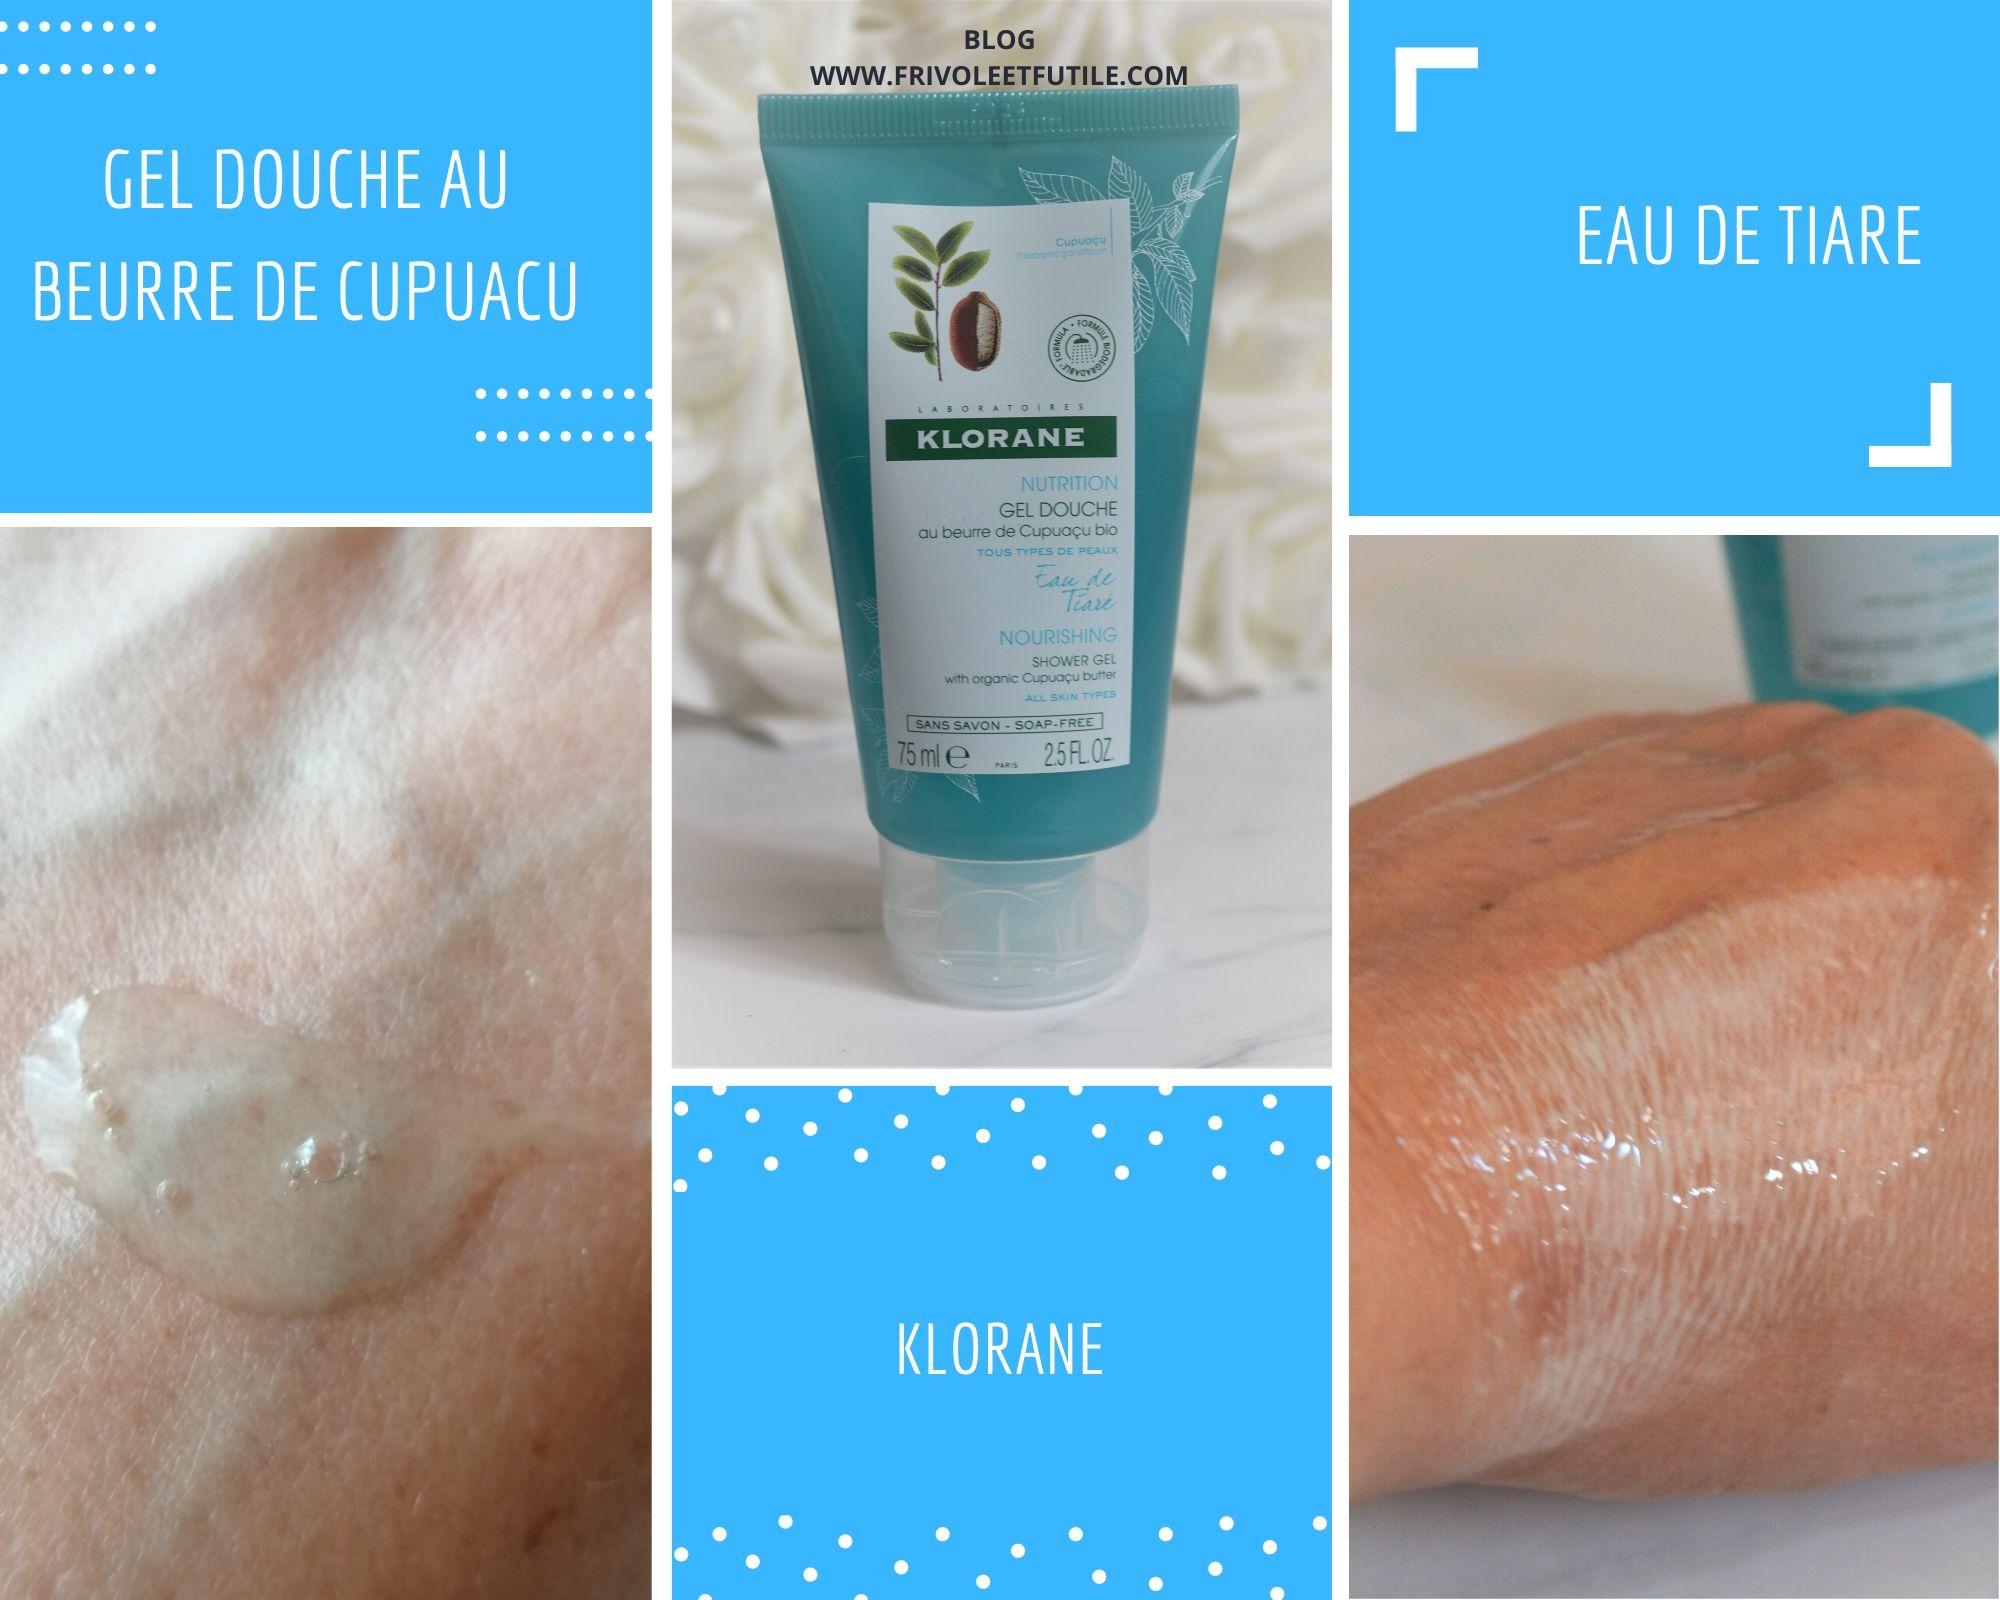 Klorane Gel douche au beurre de cupuacu blog frivole et futile (1)